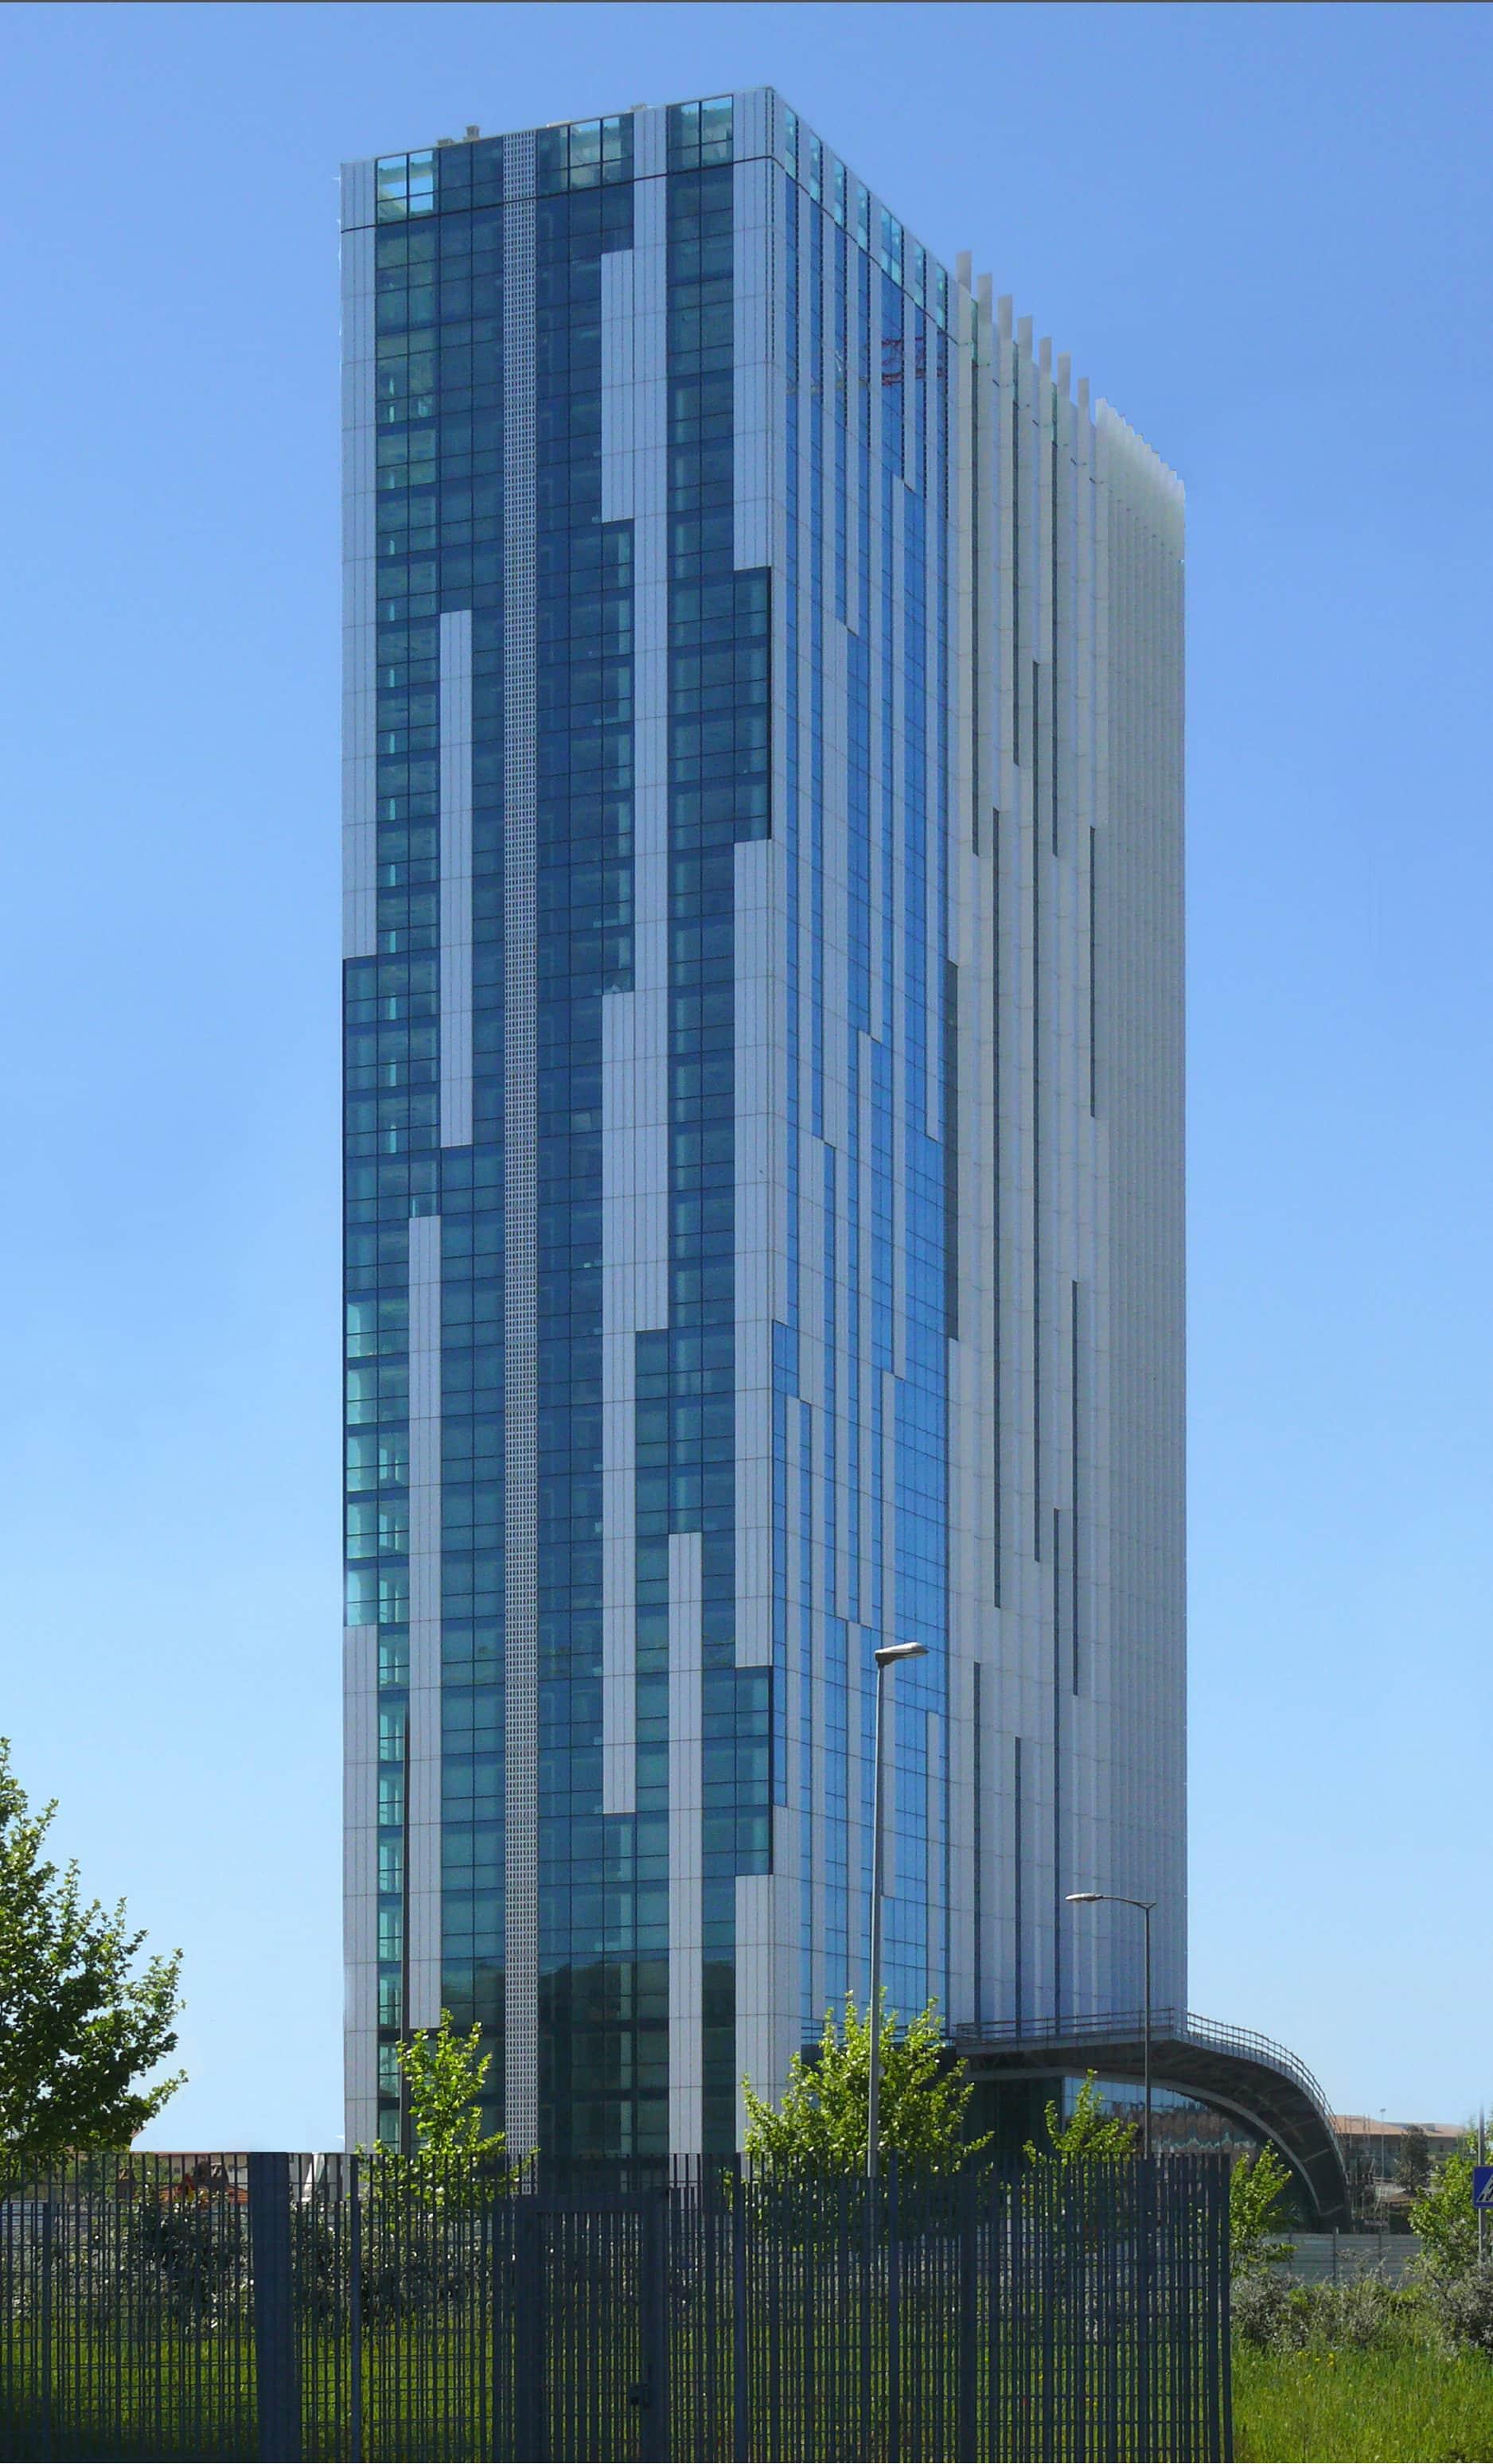 torre-europarco-1_1561722513.jpg